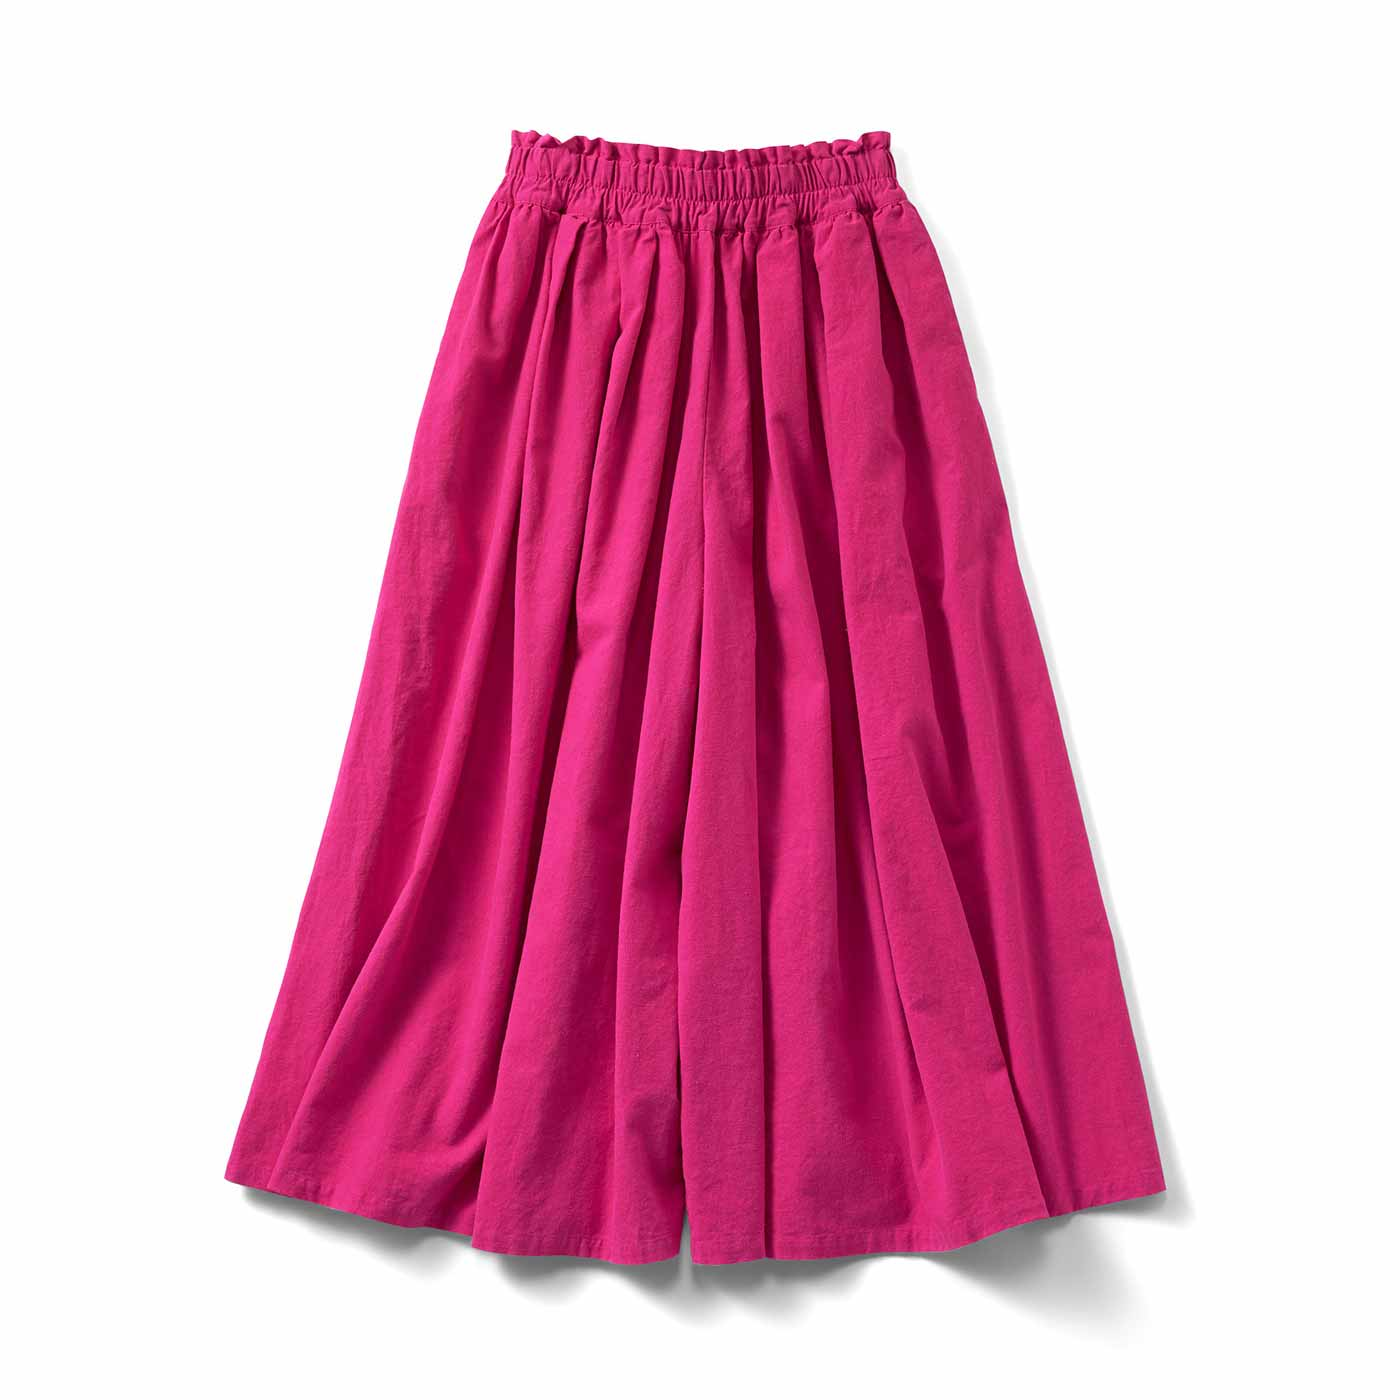 スカートみたいなボリュームの麻混ワイドパンツ〈ピンクベリー〉